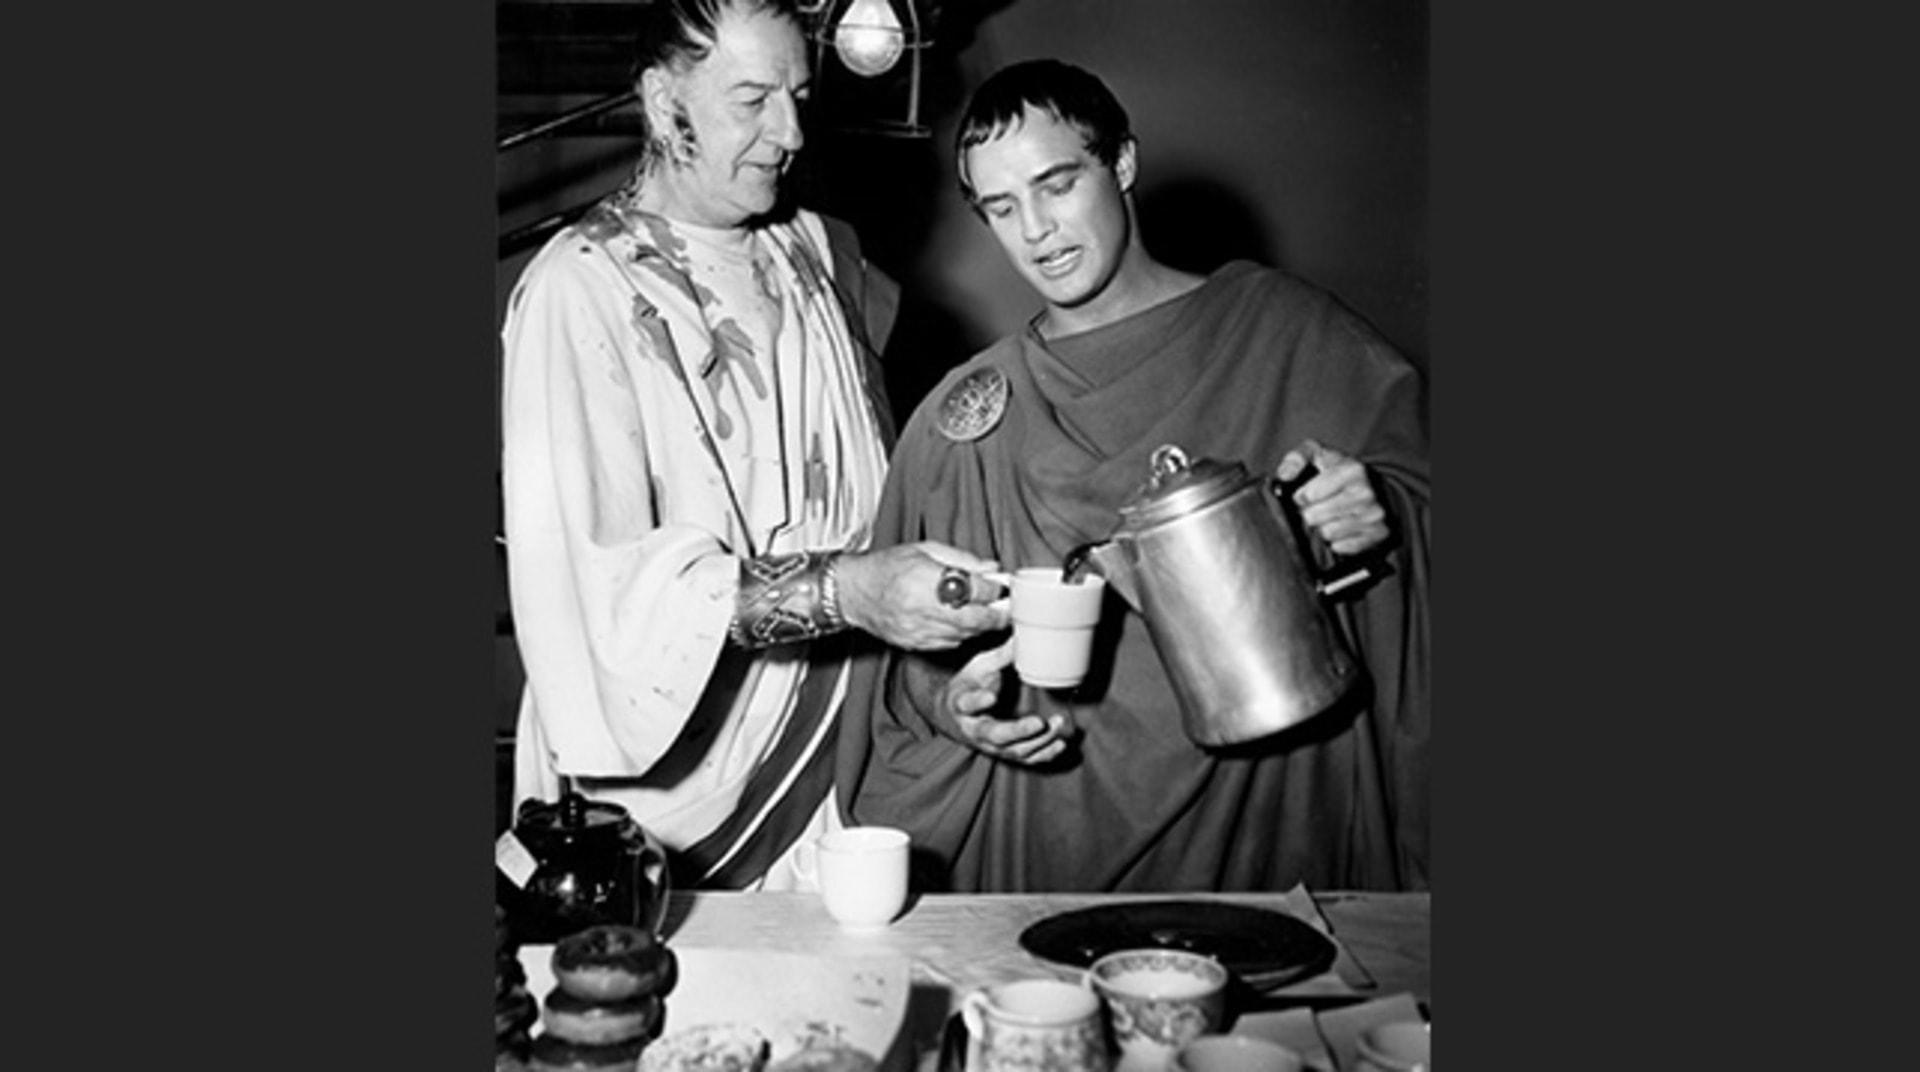 Julius Caesar - Image 25